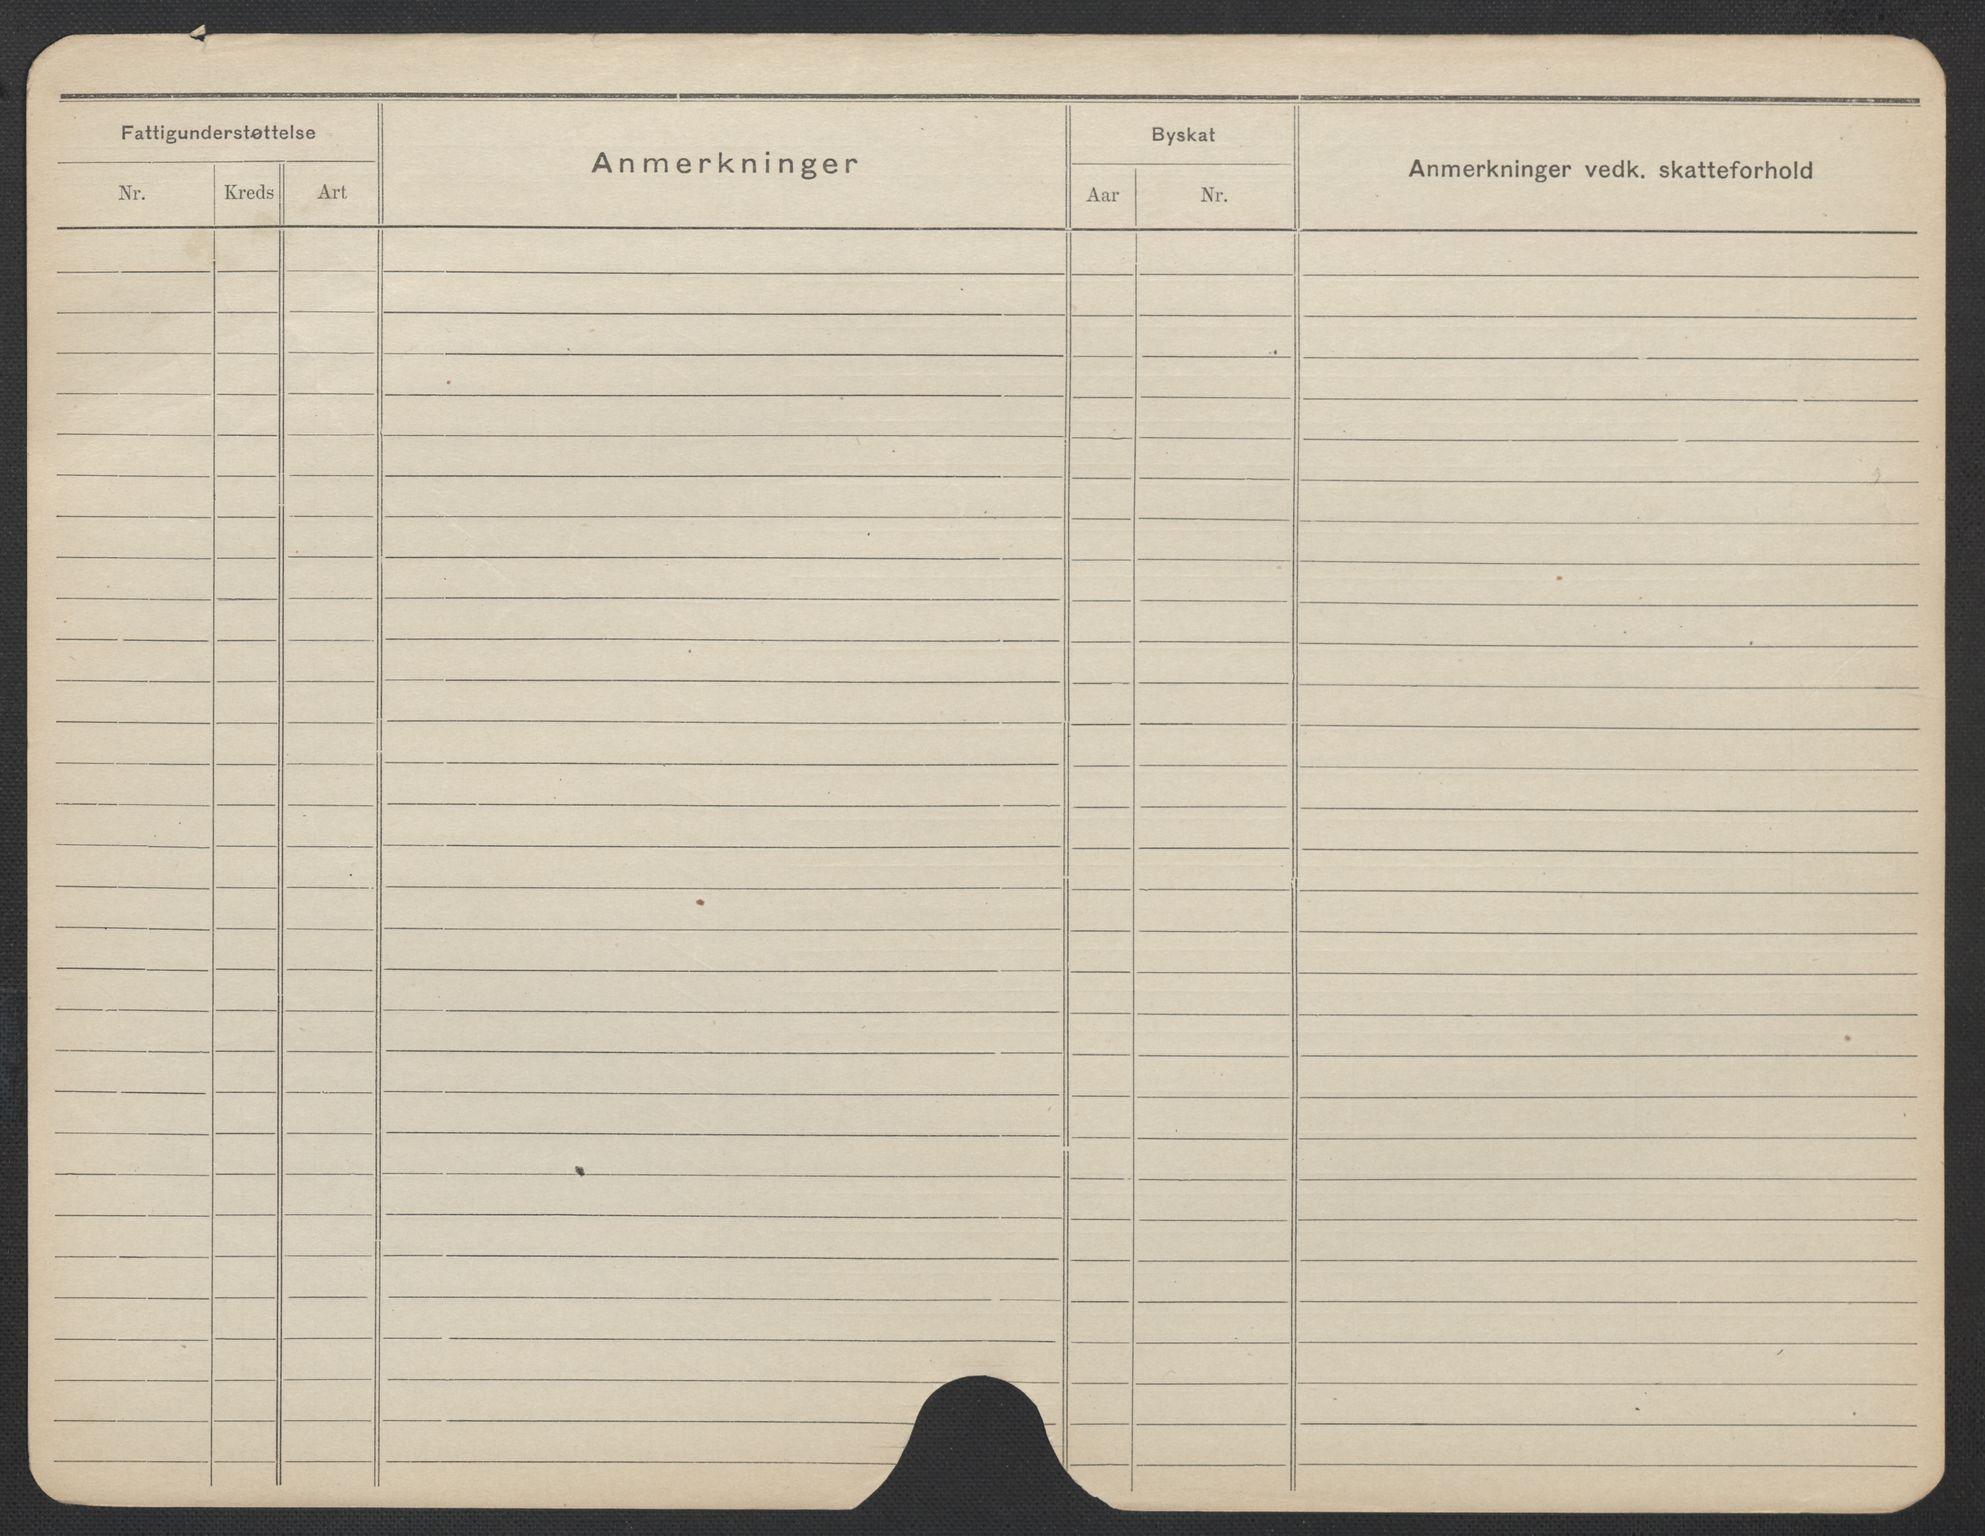 SAO, Oslo folkeregister, Registerkort, F/Fa/Fac/L0019: Kvinner, 1906-1914, p. 1175b